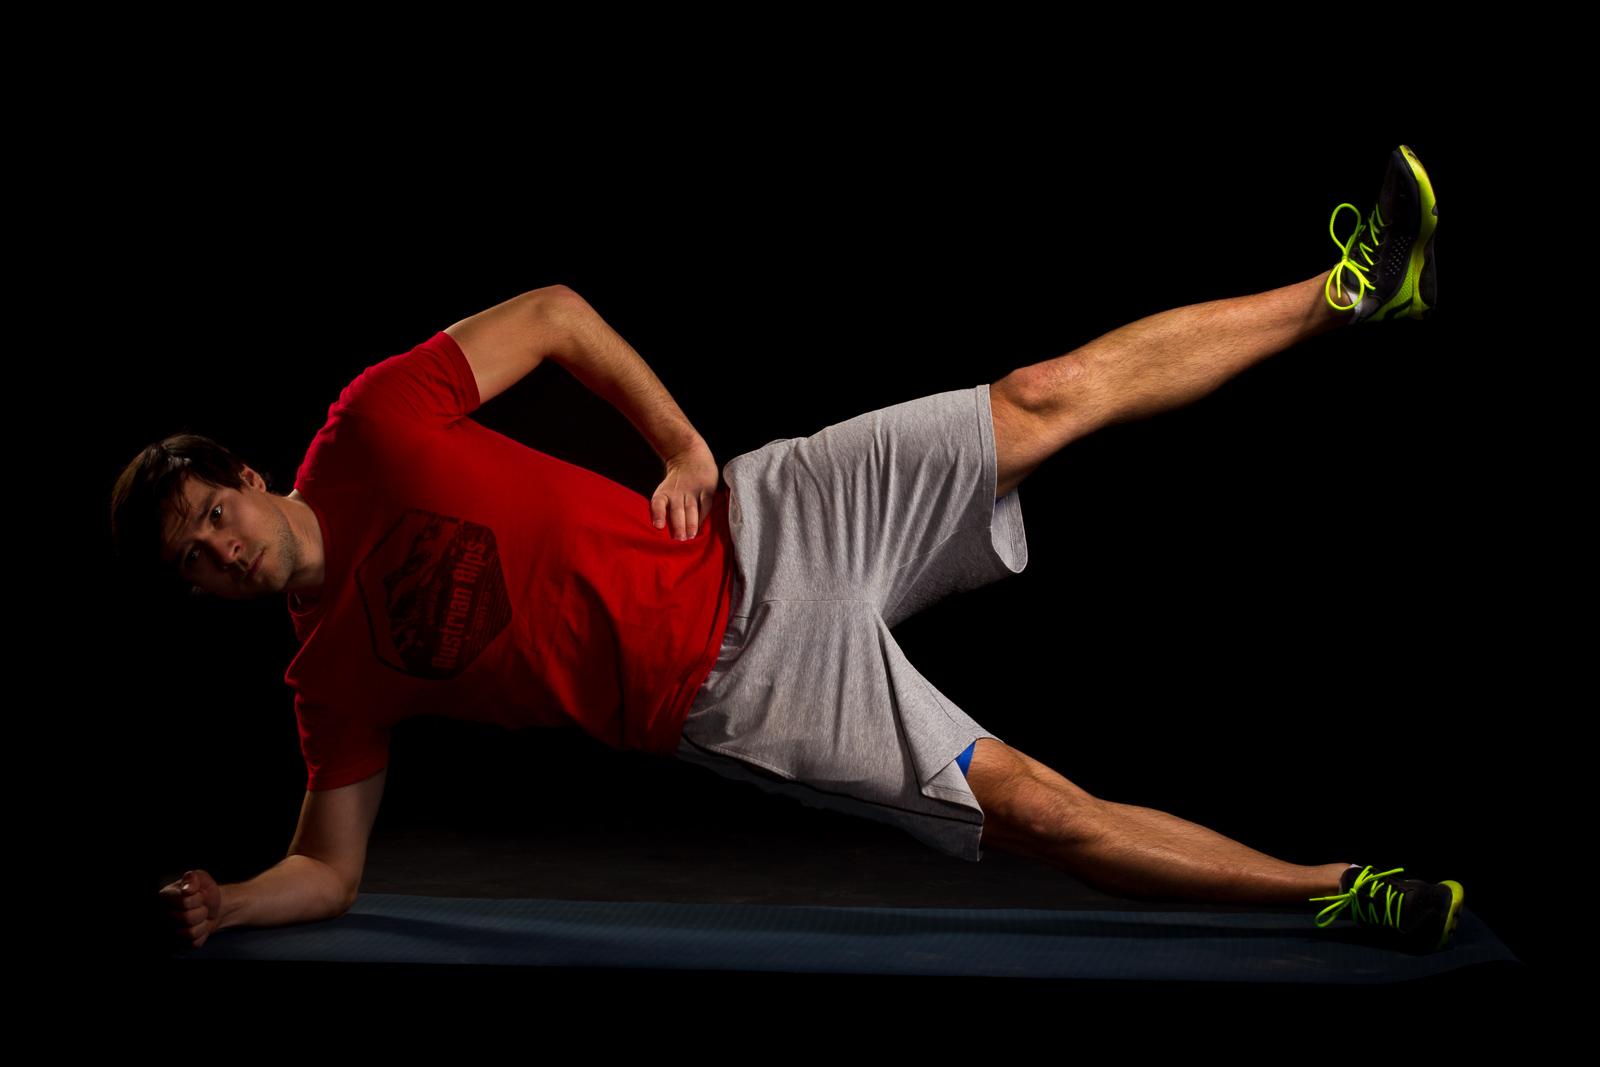 20 Sekunden Seitstütz mit Beinhub. Oberes (linkes) Bein langsam heben und senken.